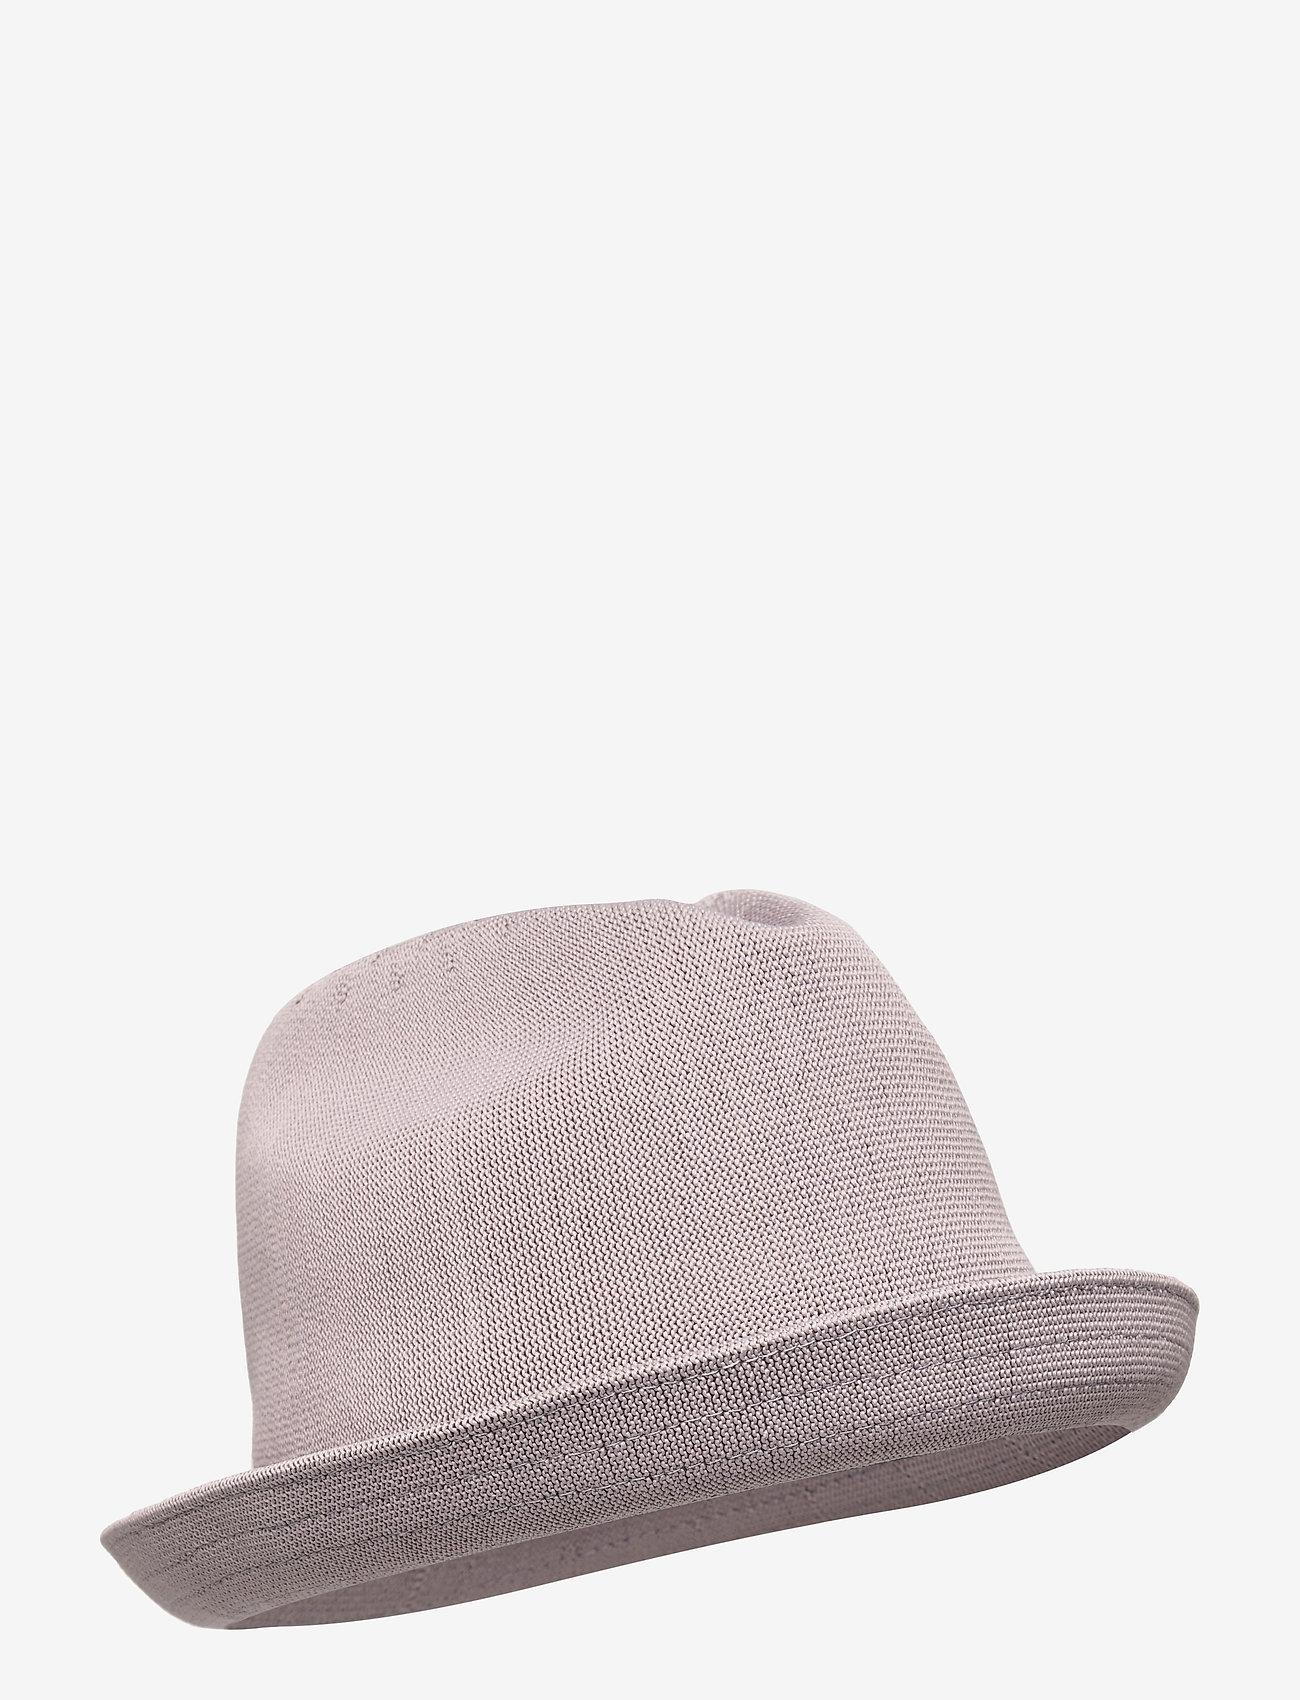 Kangol - KG TROPIC PLAYER - chapeaux - grey - 0